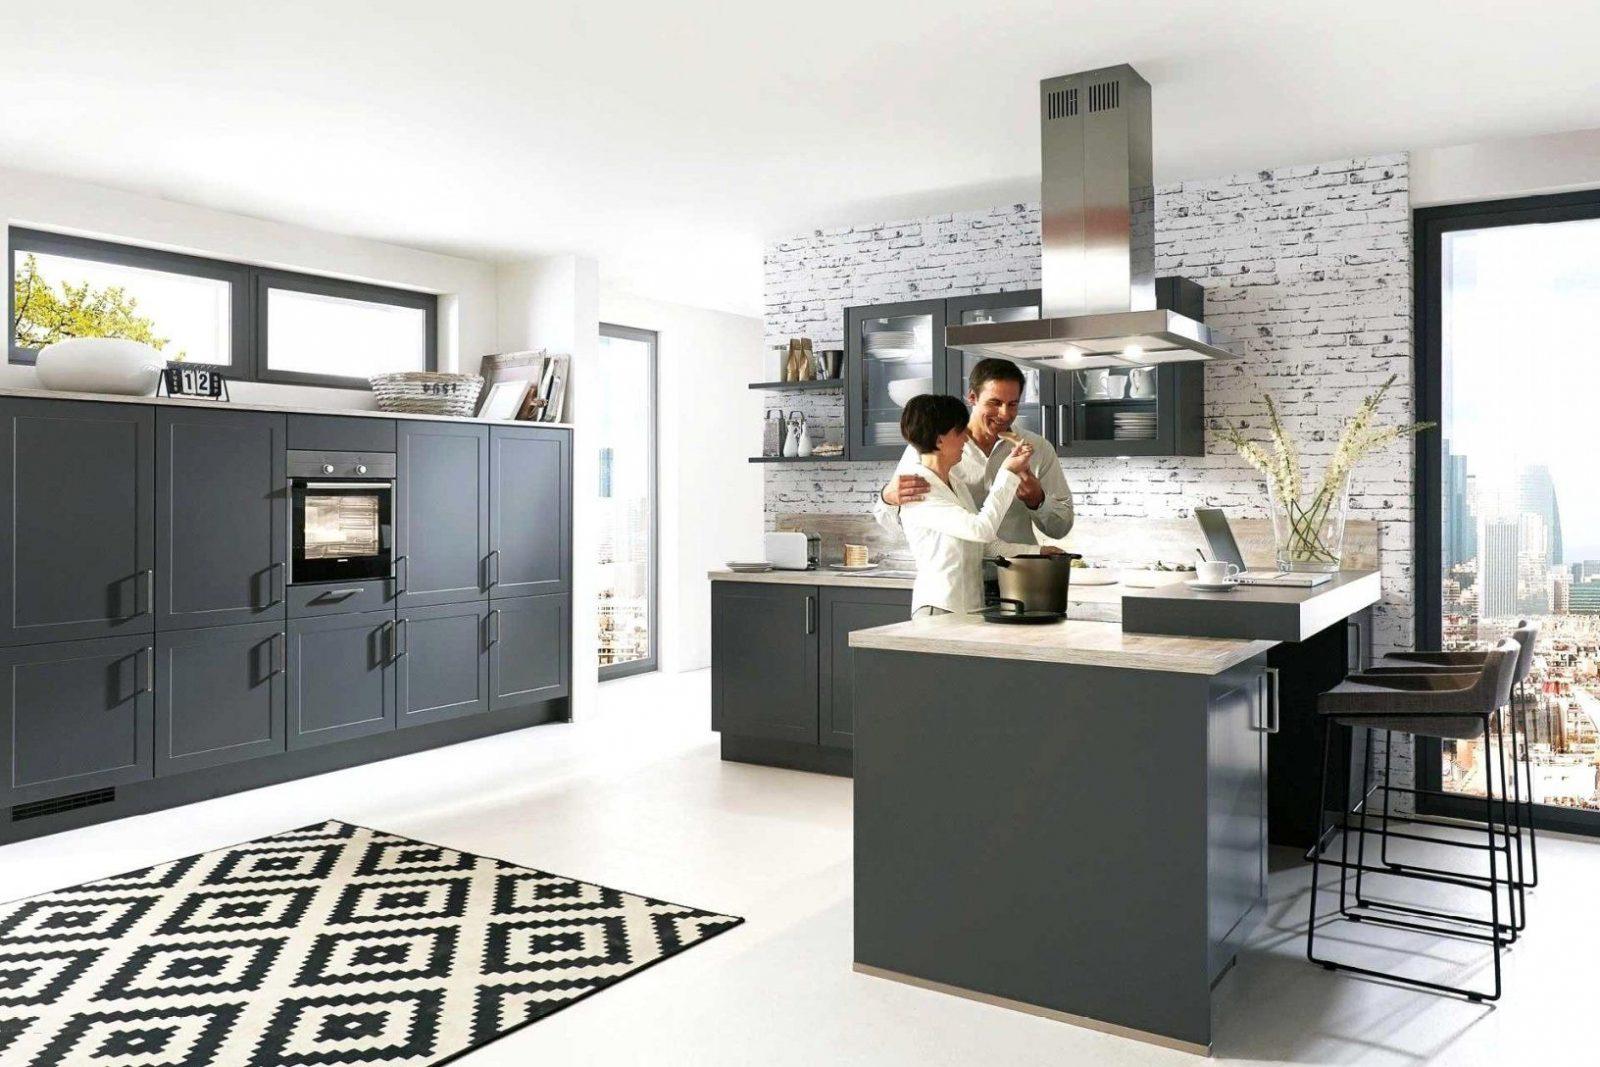 Schrank Für Einbauherd Selber Bauen Fresh 35 Awesome Küche von Schrank Für Einbauherd Selber Bauen Bild